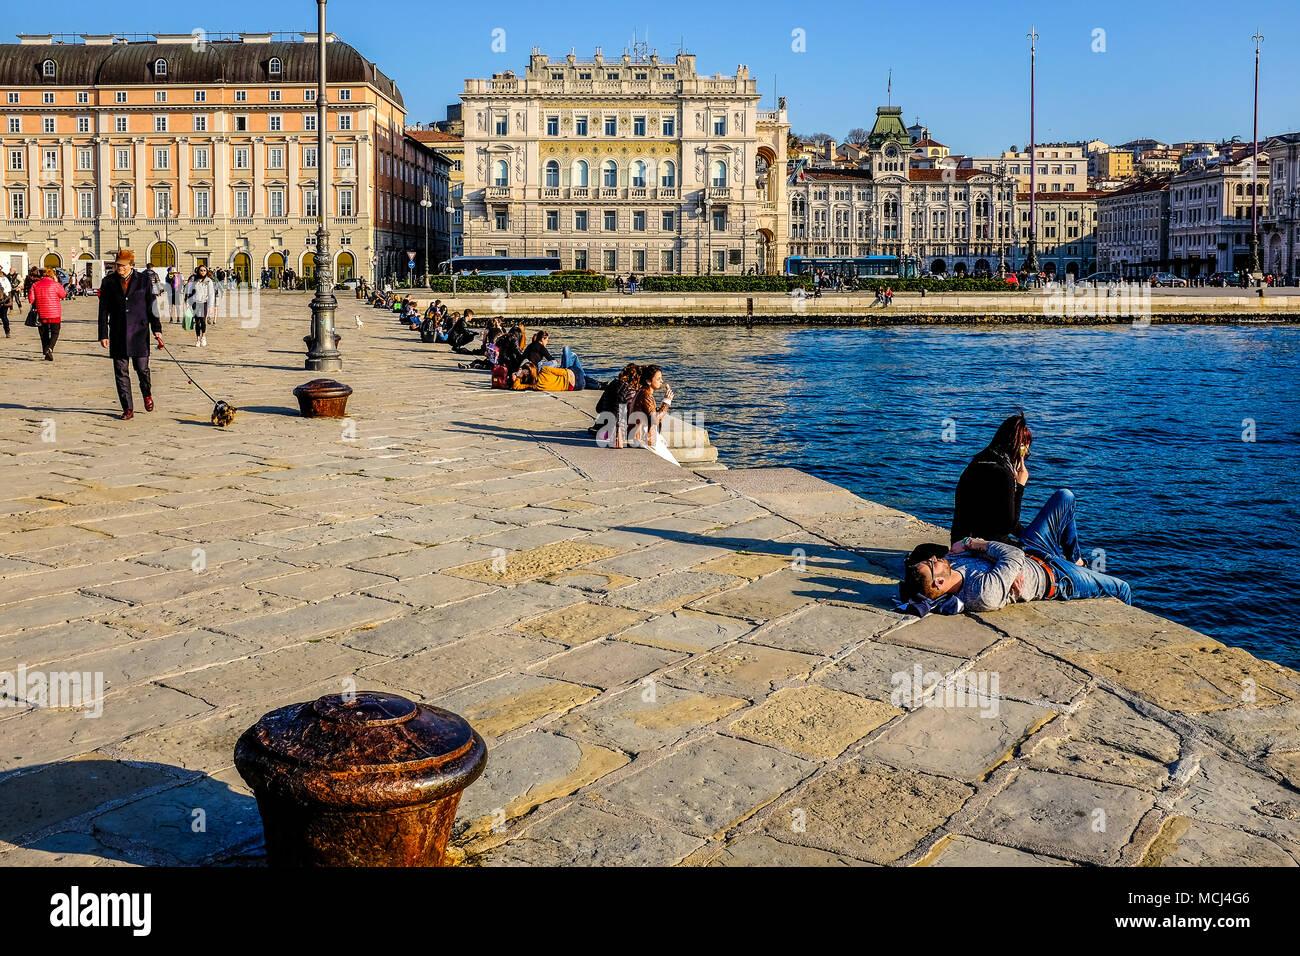 Italia, Friuli Venezia Giulia, Trieste, Molo Audace   Italy, Friuli Venezia Giulia, Trieste, Audace Pier Stock Photo